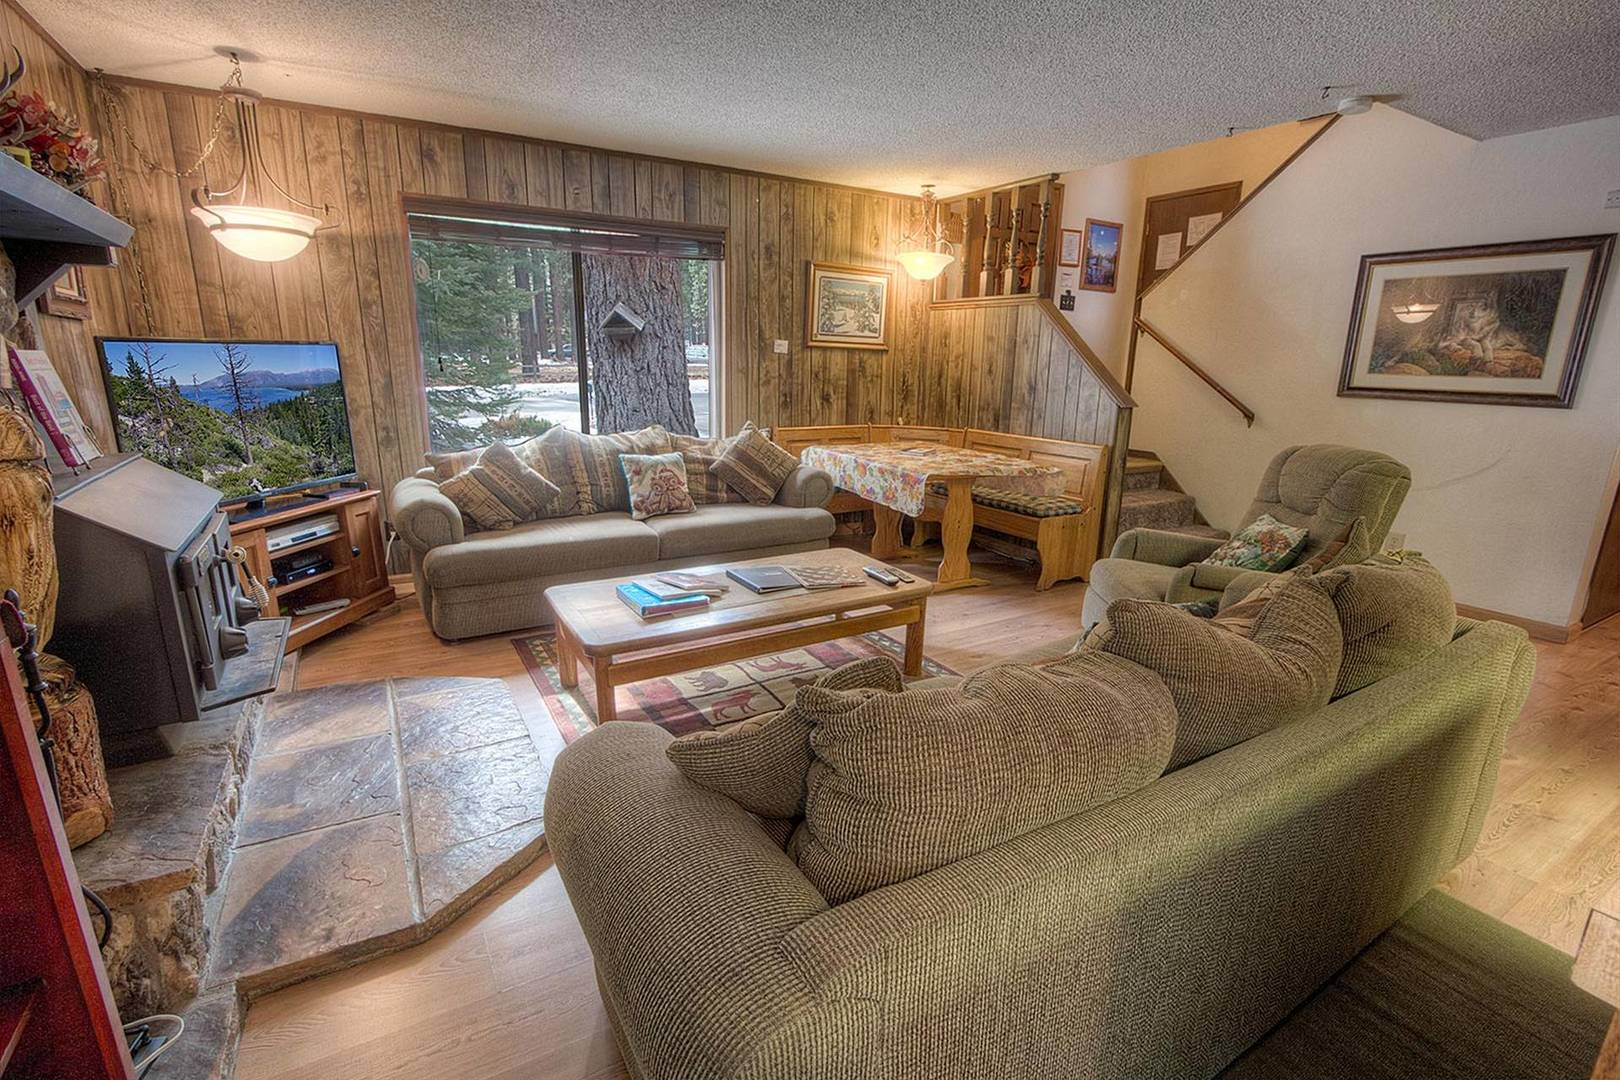 cyh1201 living room